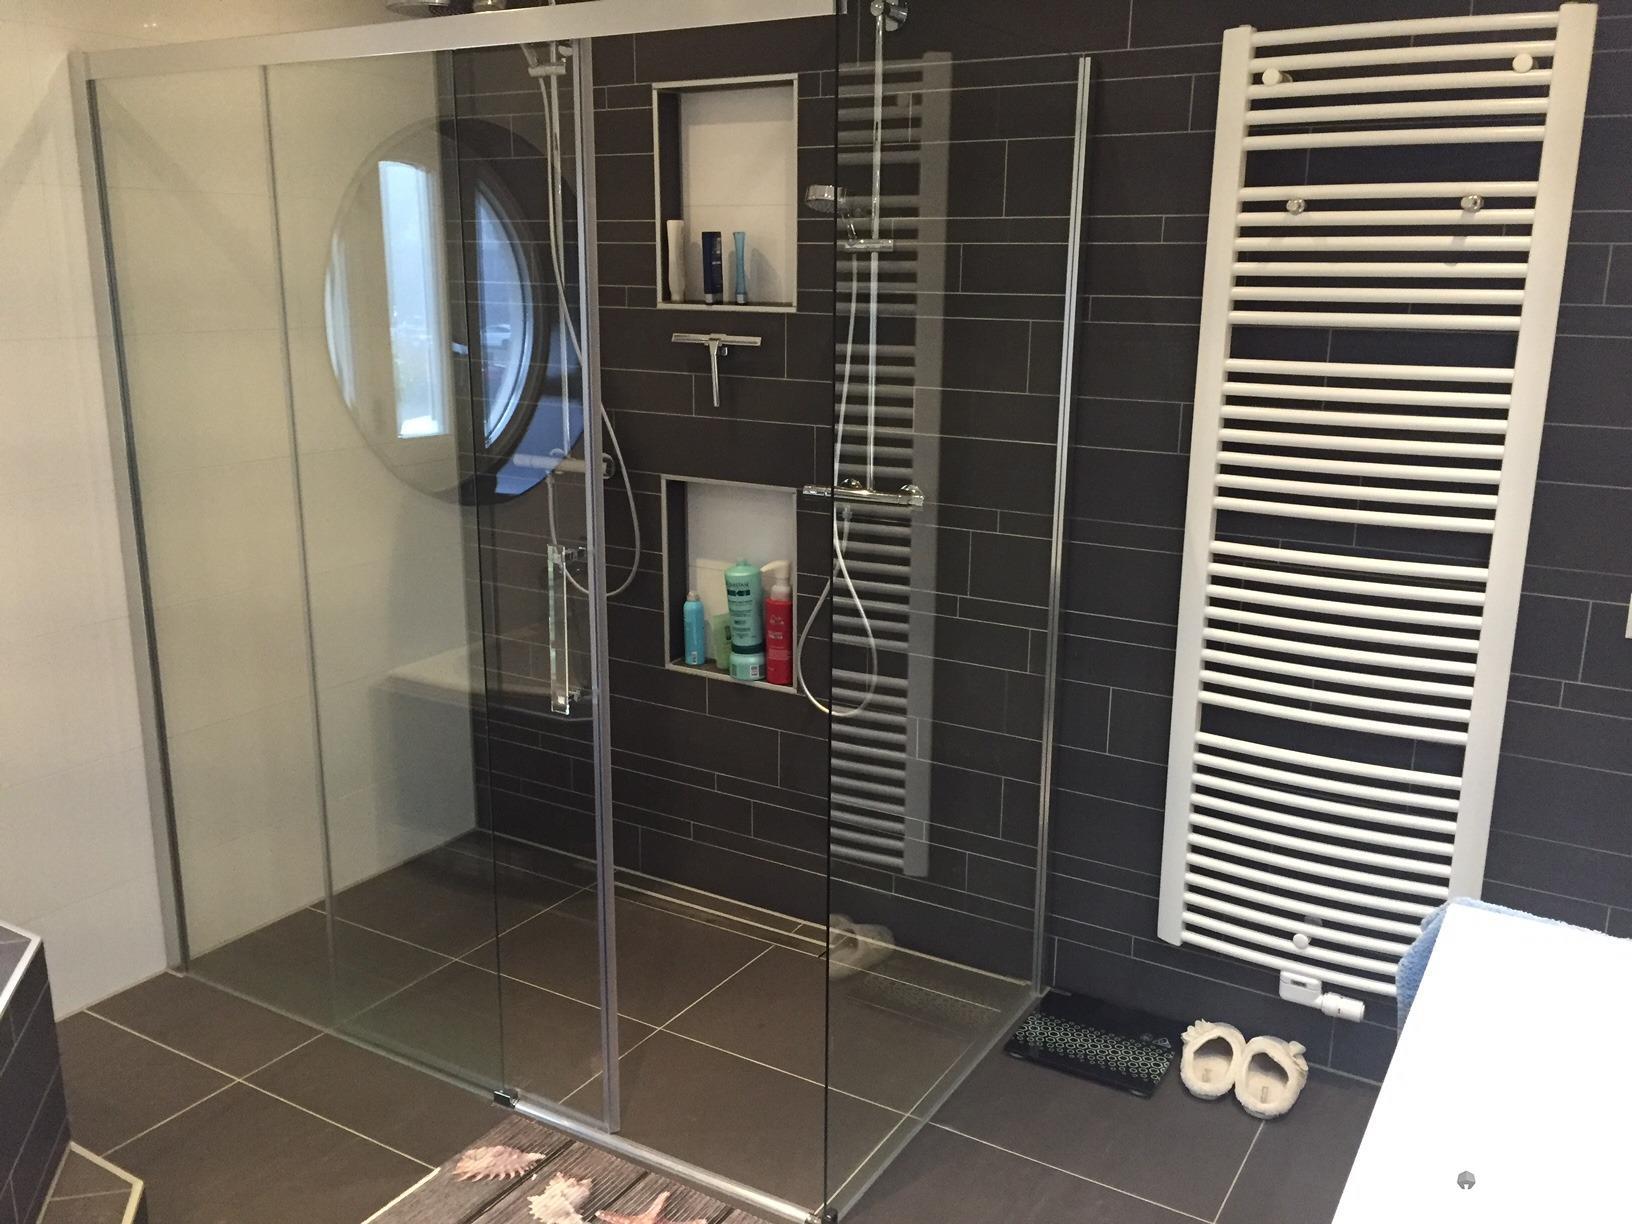 Badkamer bouwen + muren verplaatsen (slopen wordt gedaan) - Werkspot